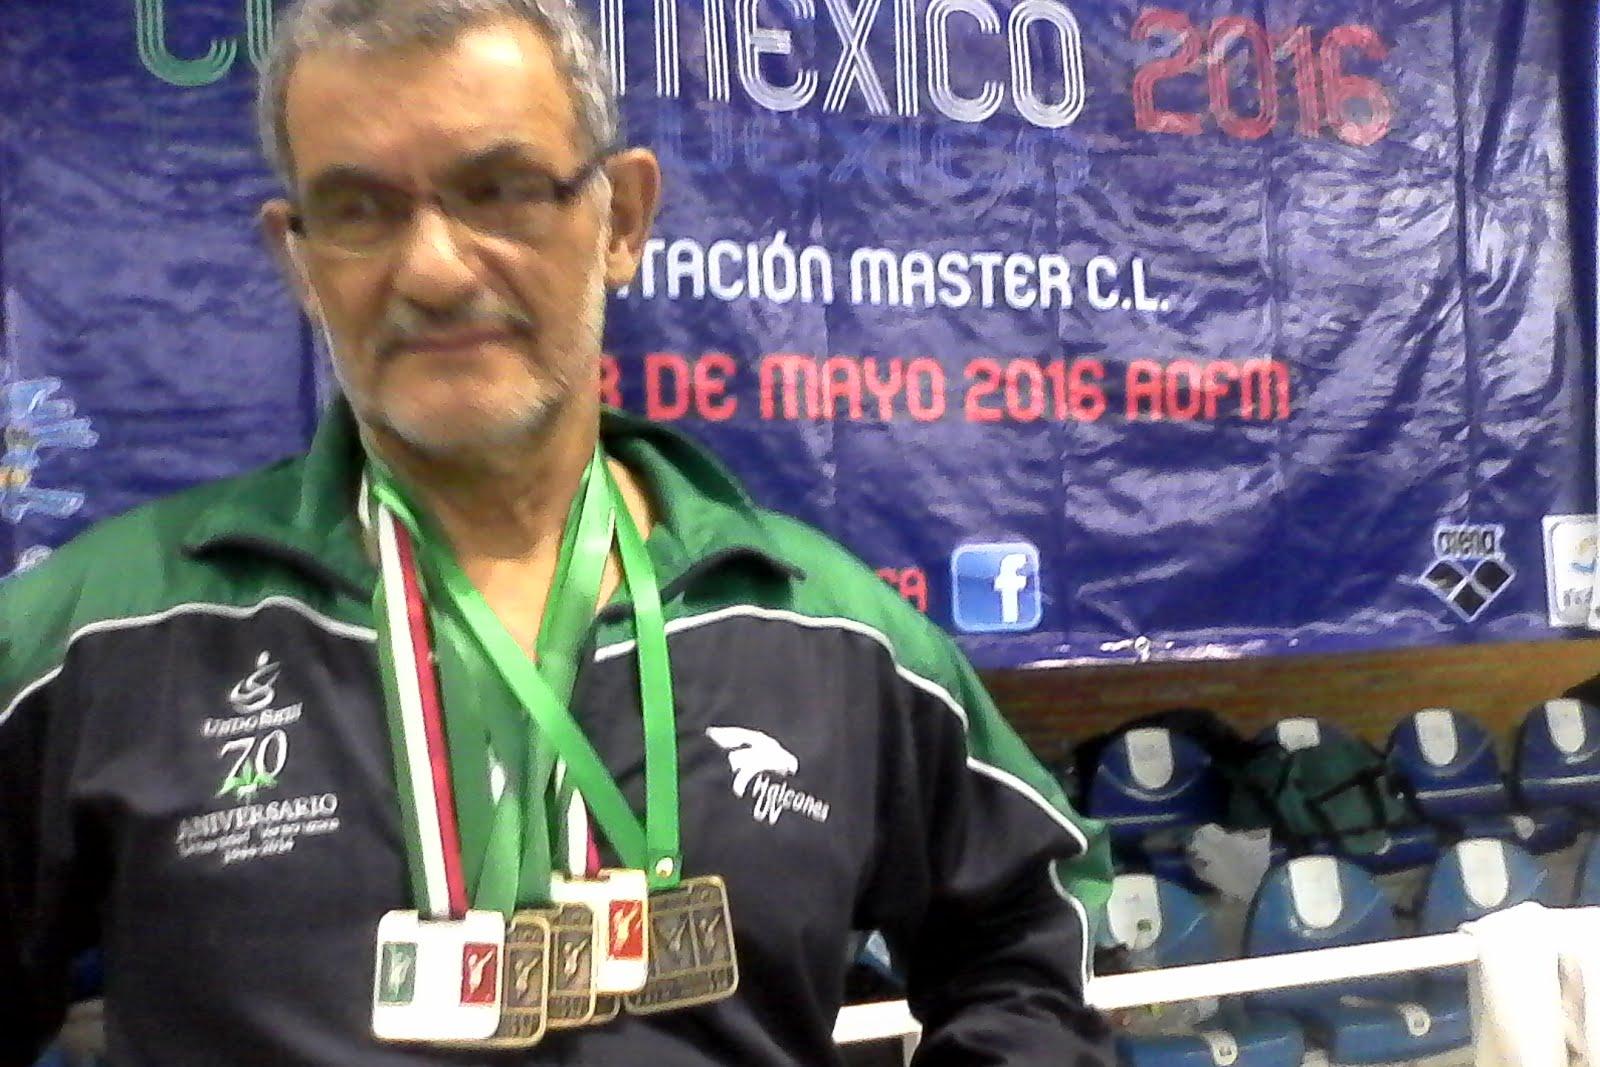 Medallas de natación